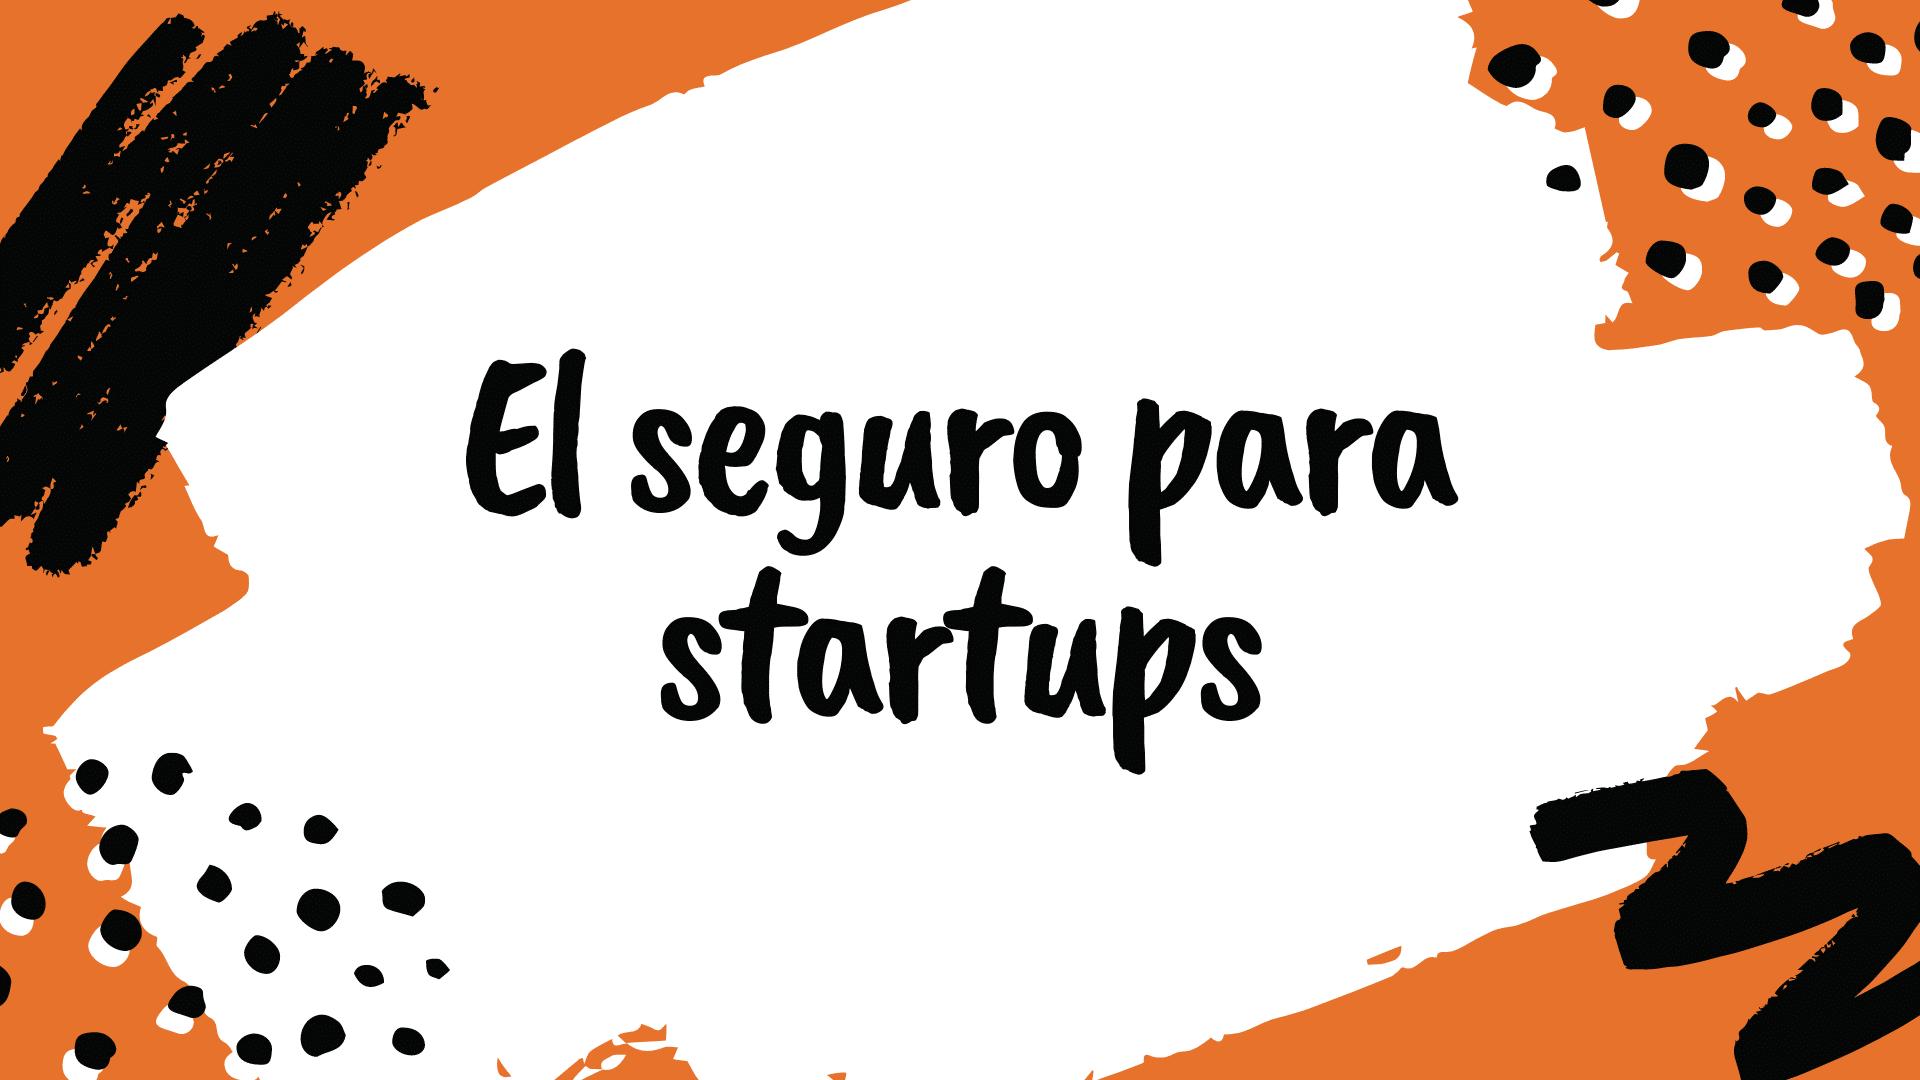 el seguro para startups